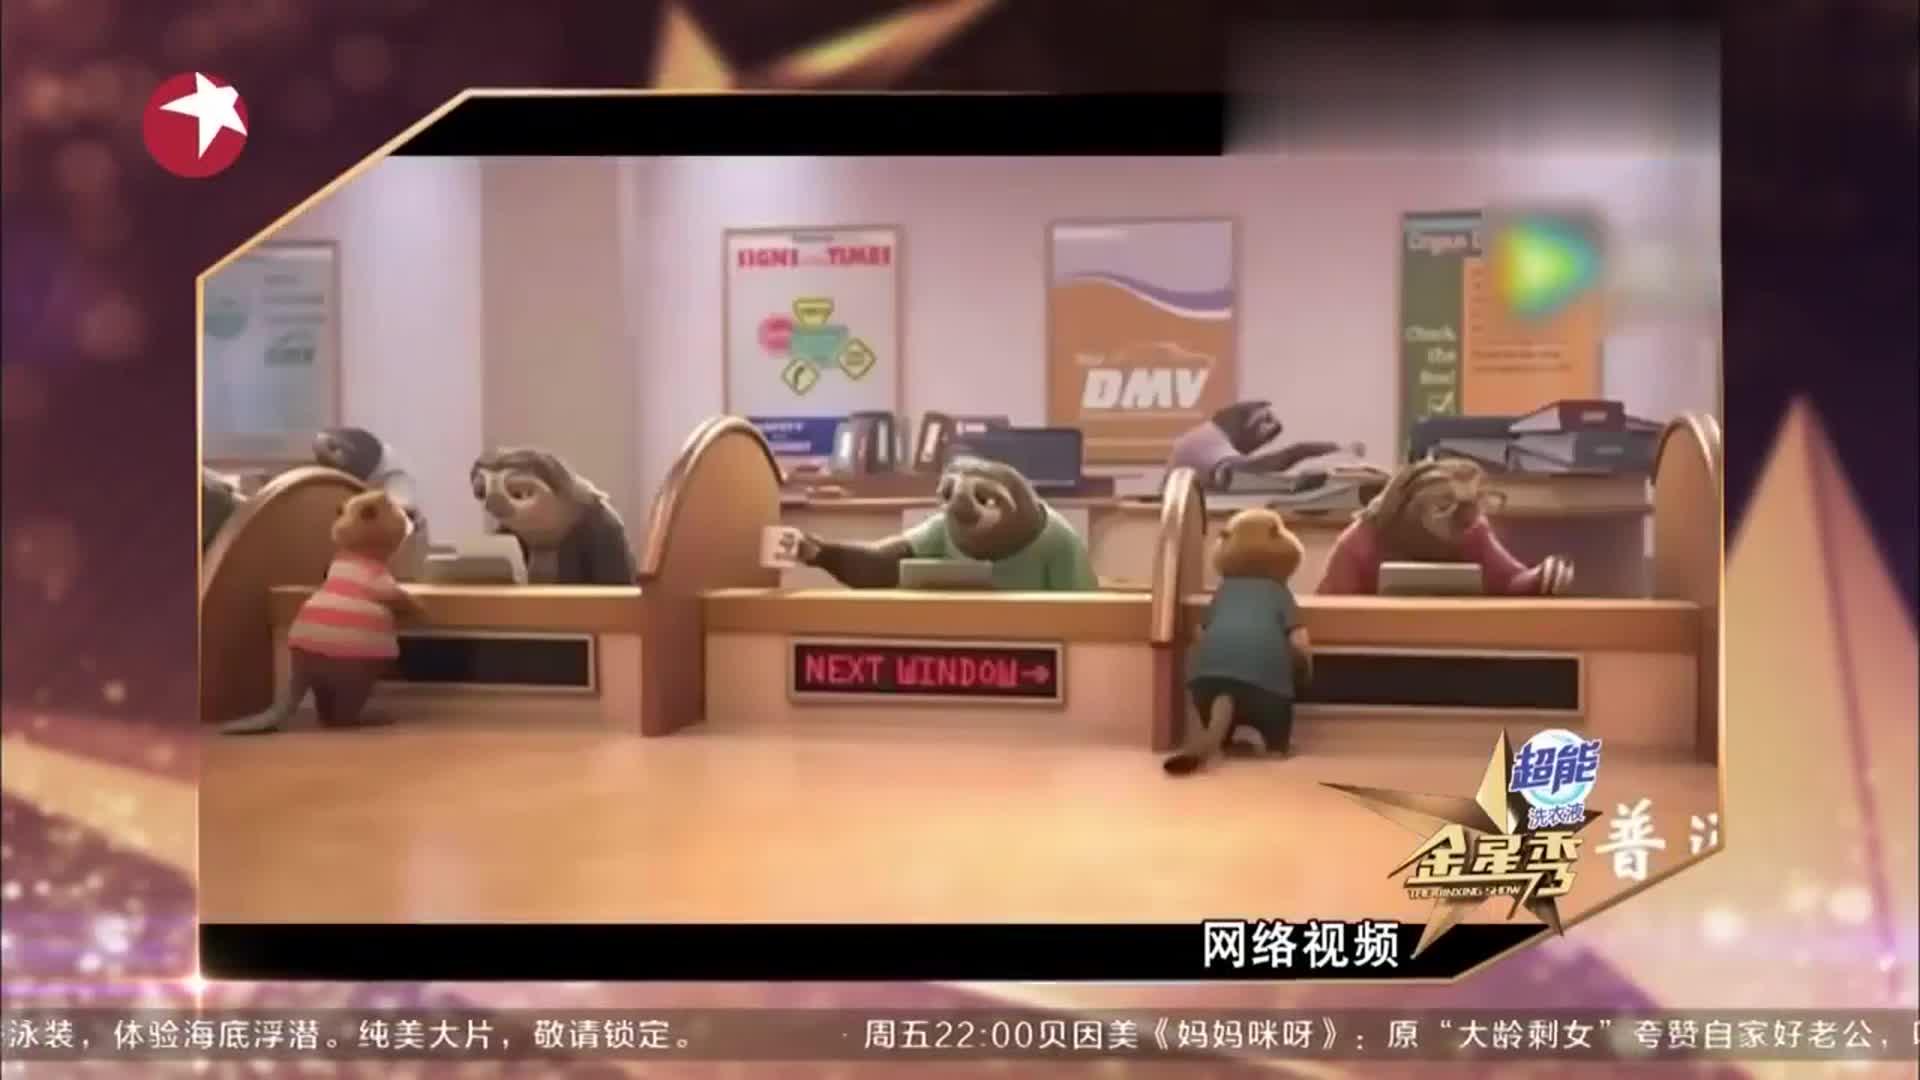 金星秀:国民新老公是谁,不少小姑娘被迷的五迷三道,让人好奇!